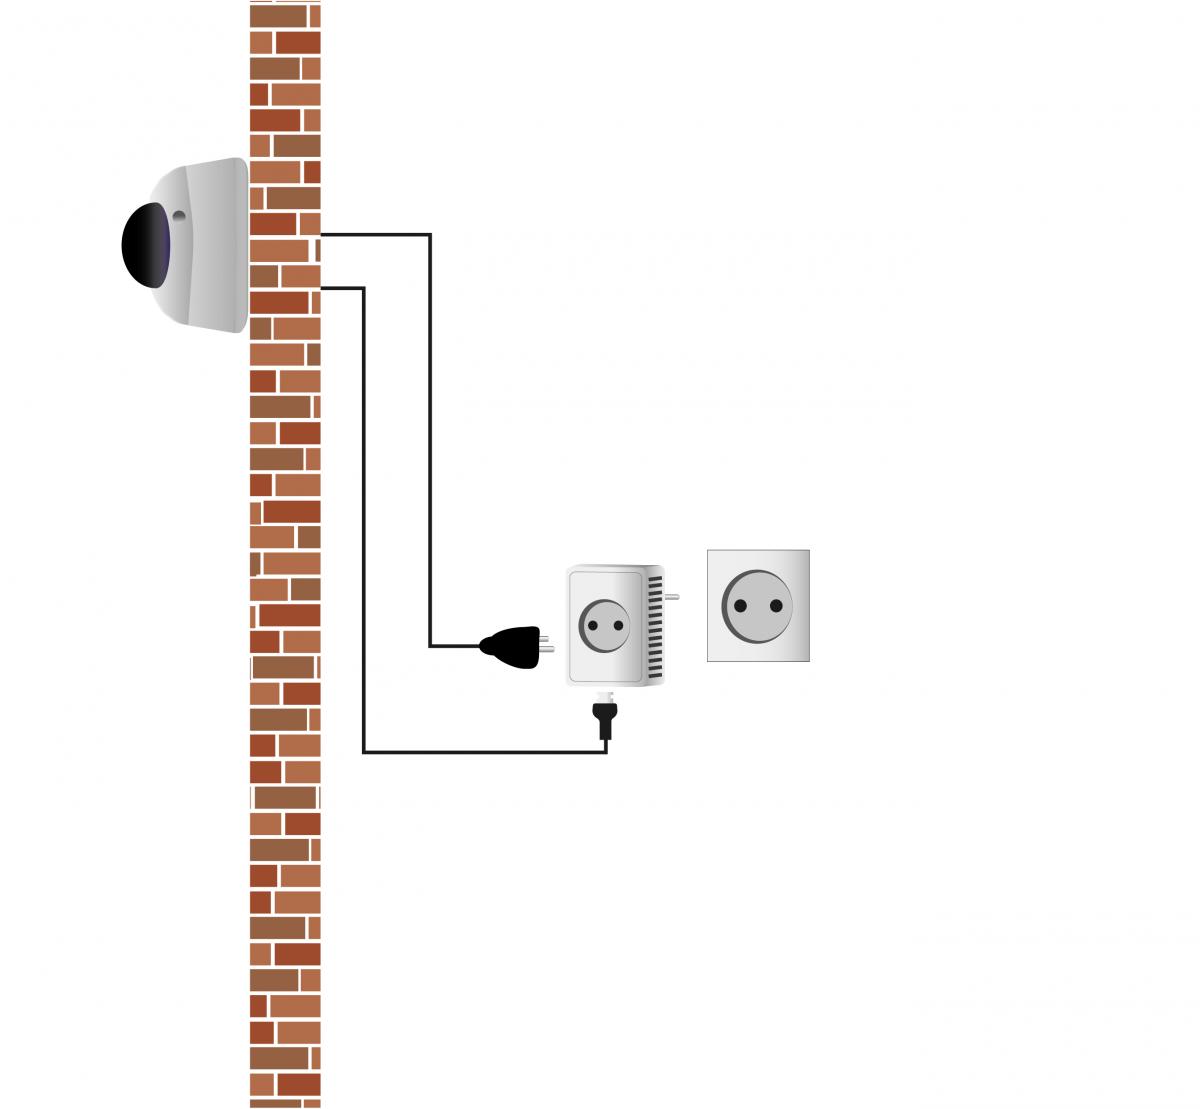 Draadloze  bewakingscamera oplossingen